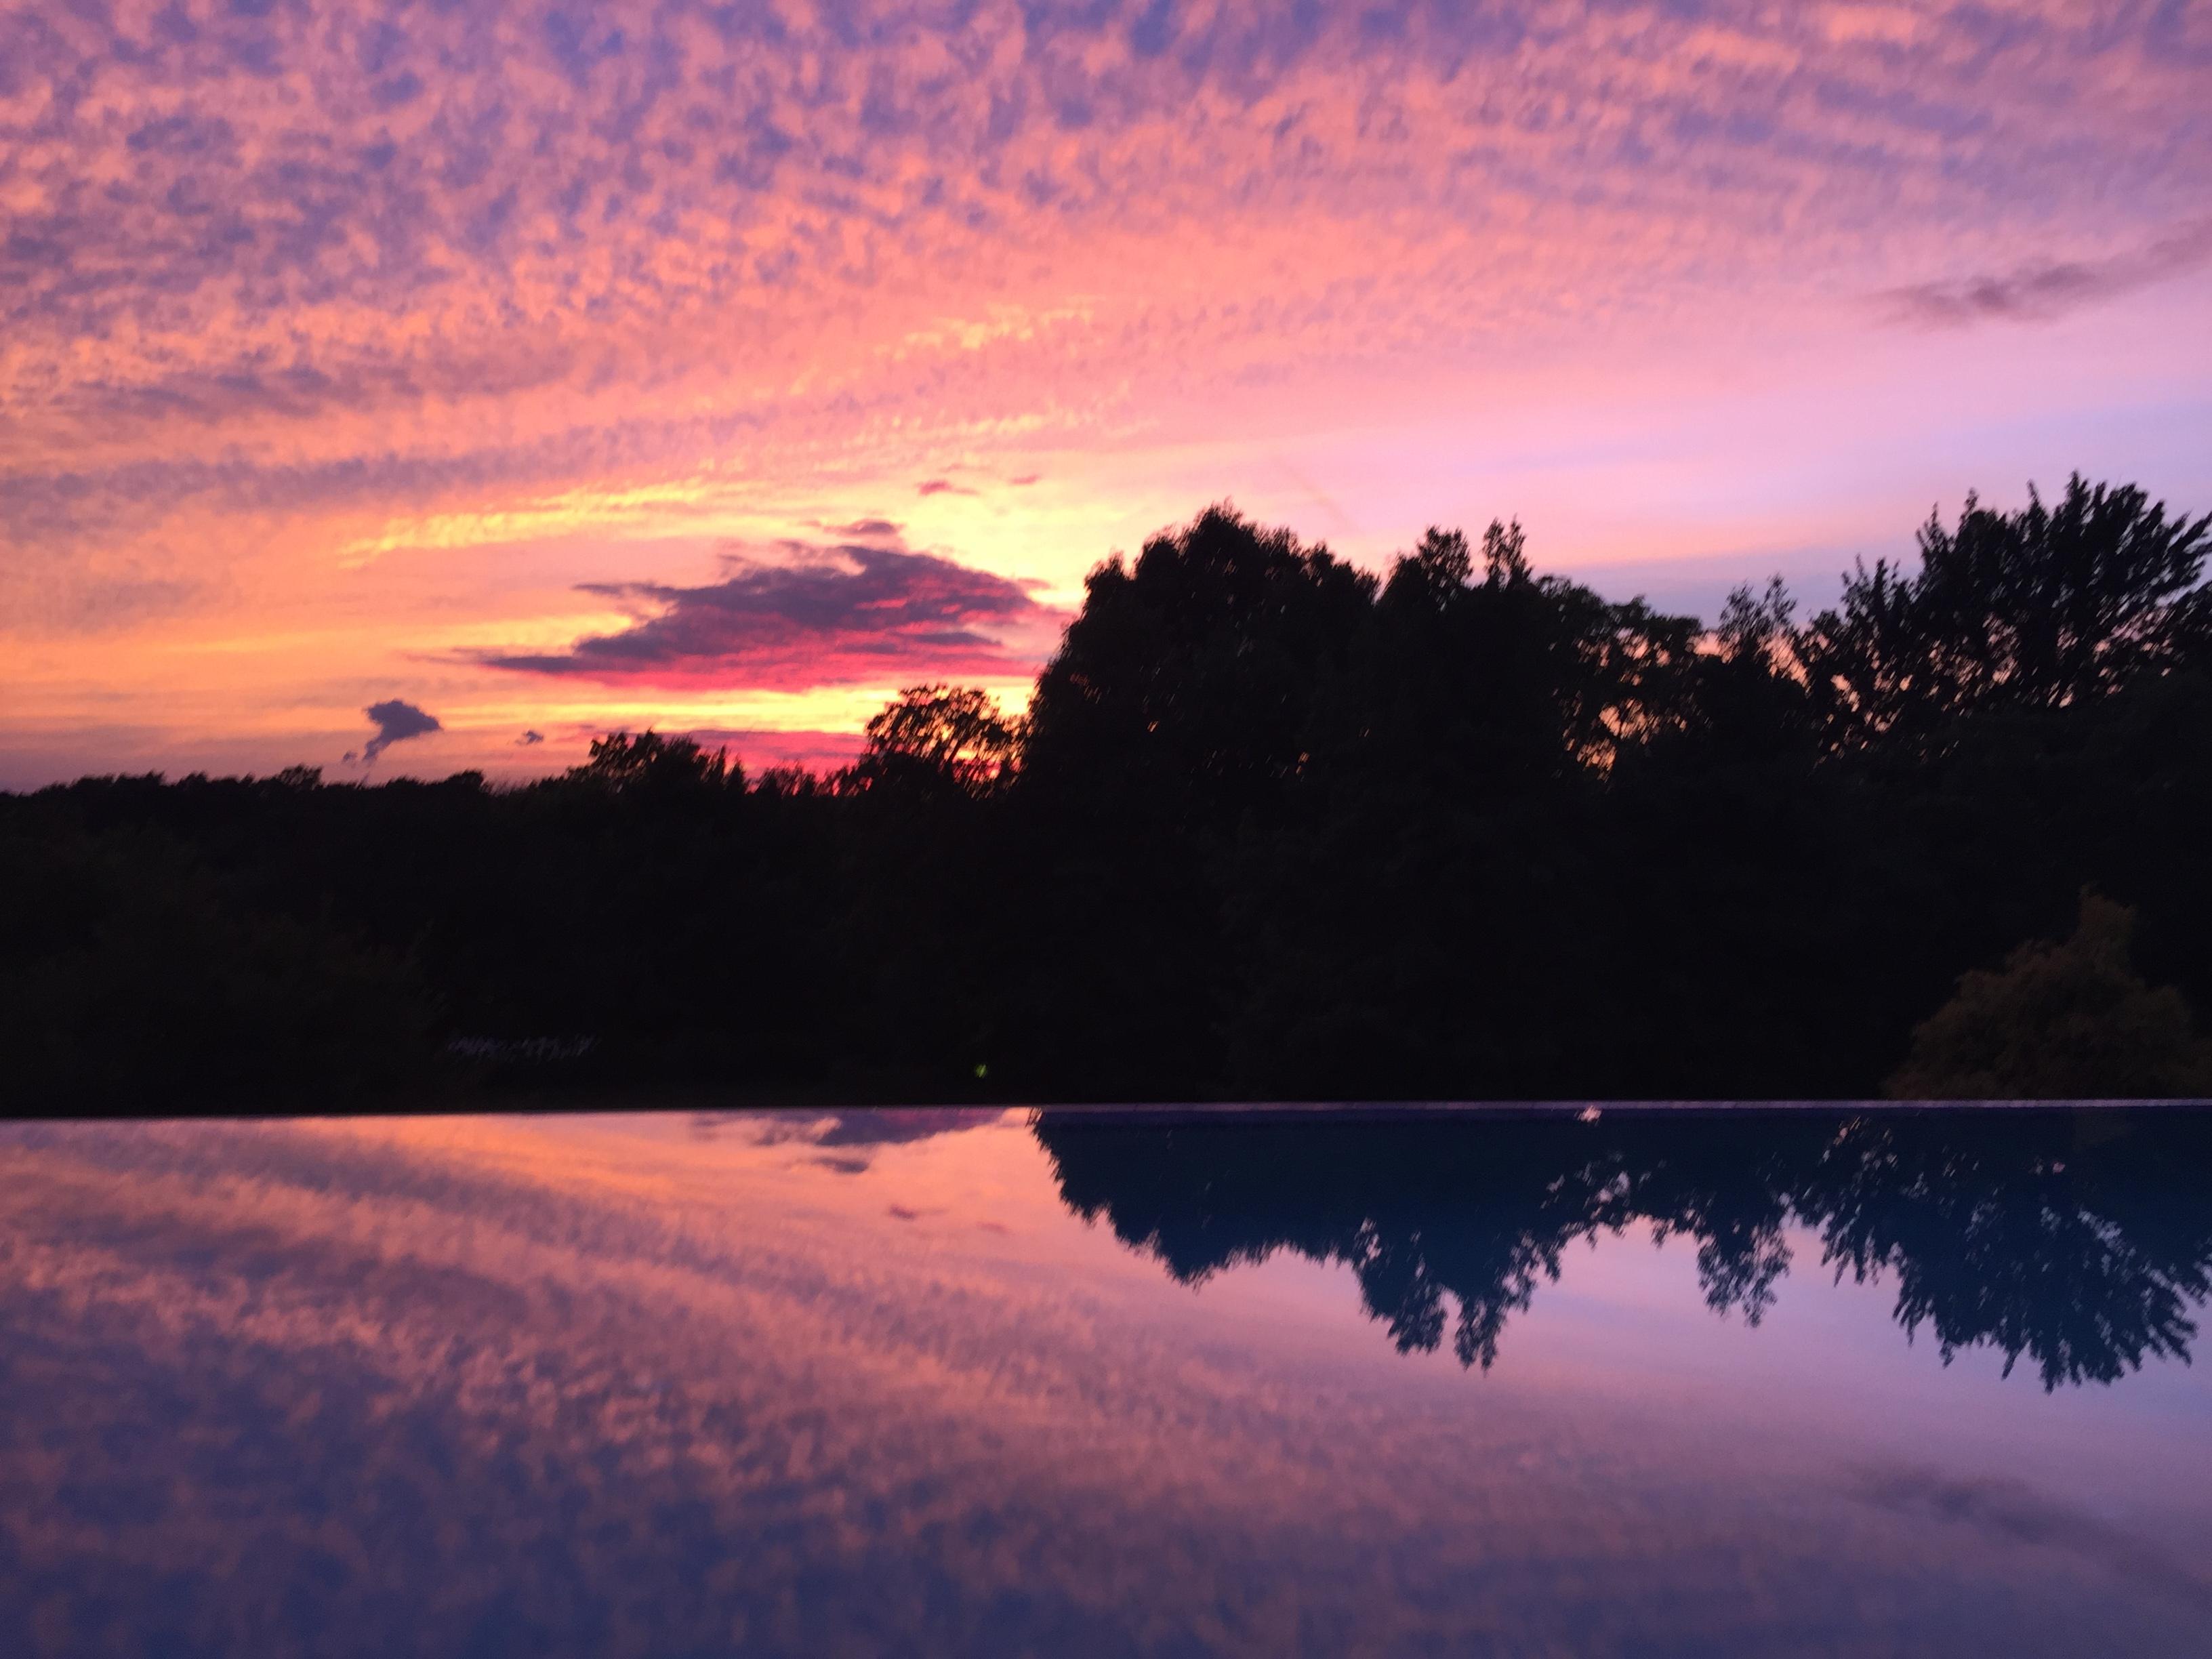 #july4, #sunset, #sky, #reflection, #color